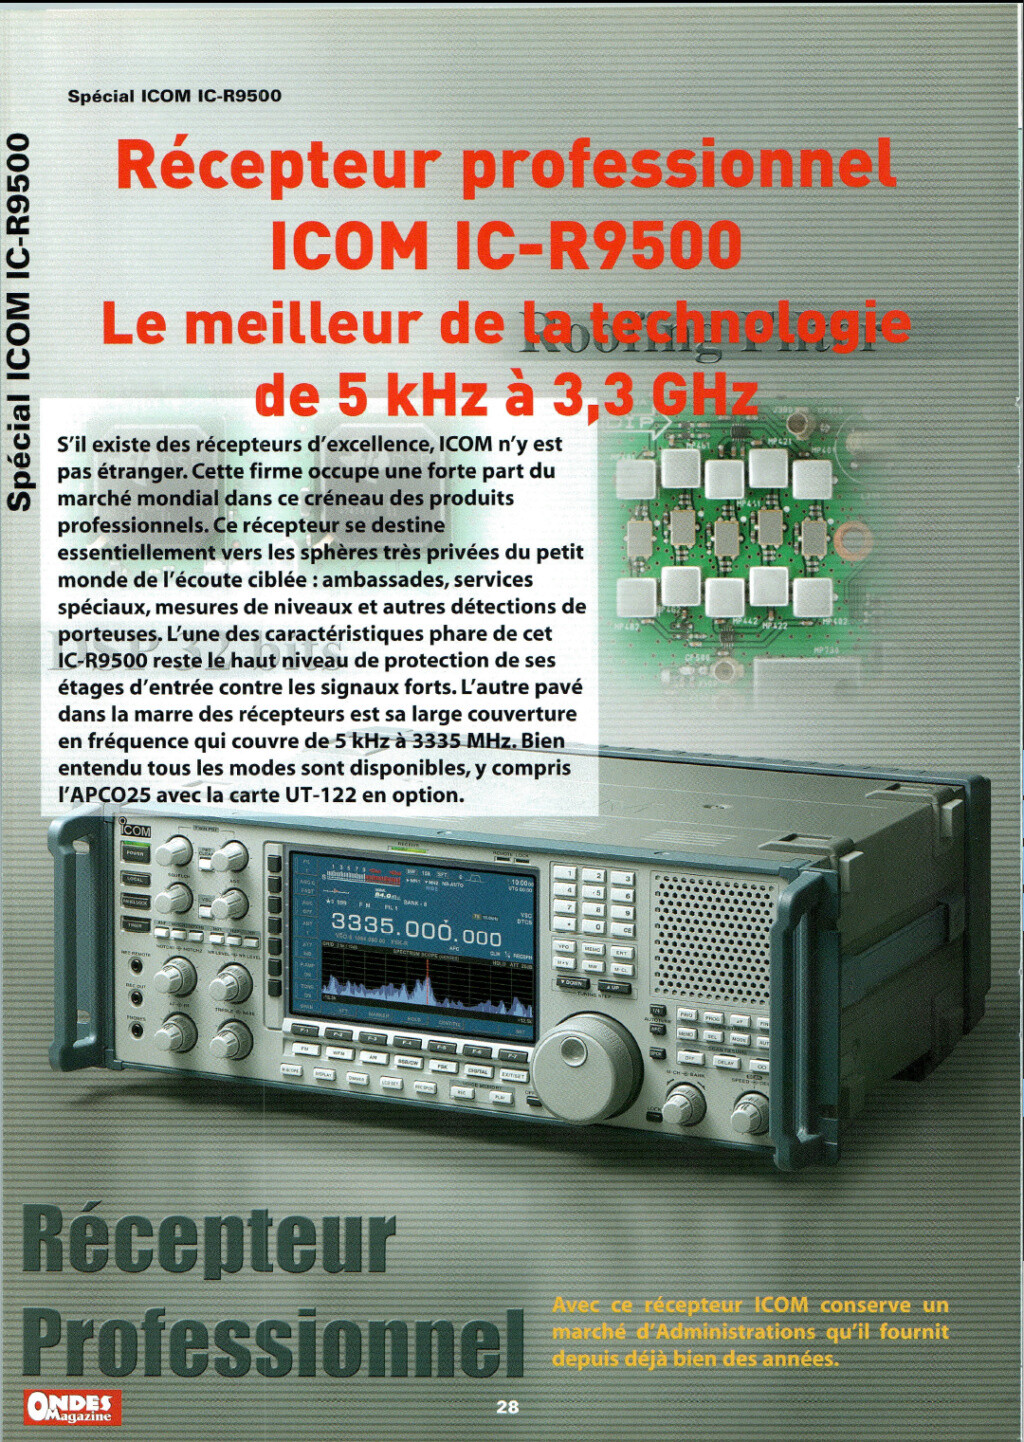 Icom IC-R9500-02 Captu147